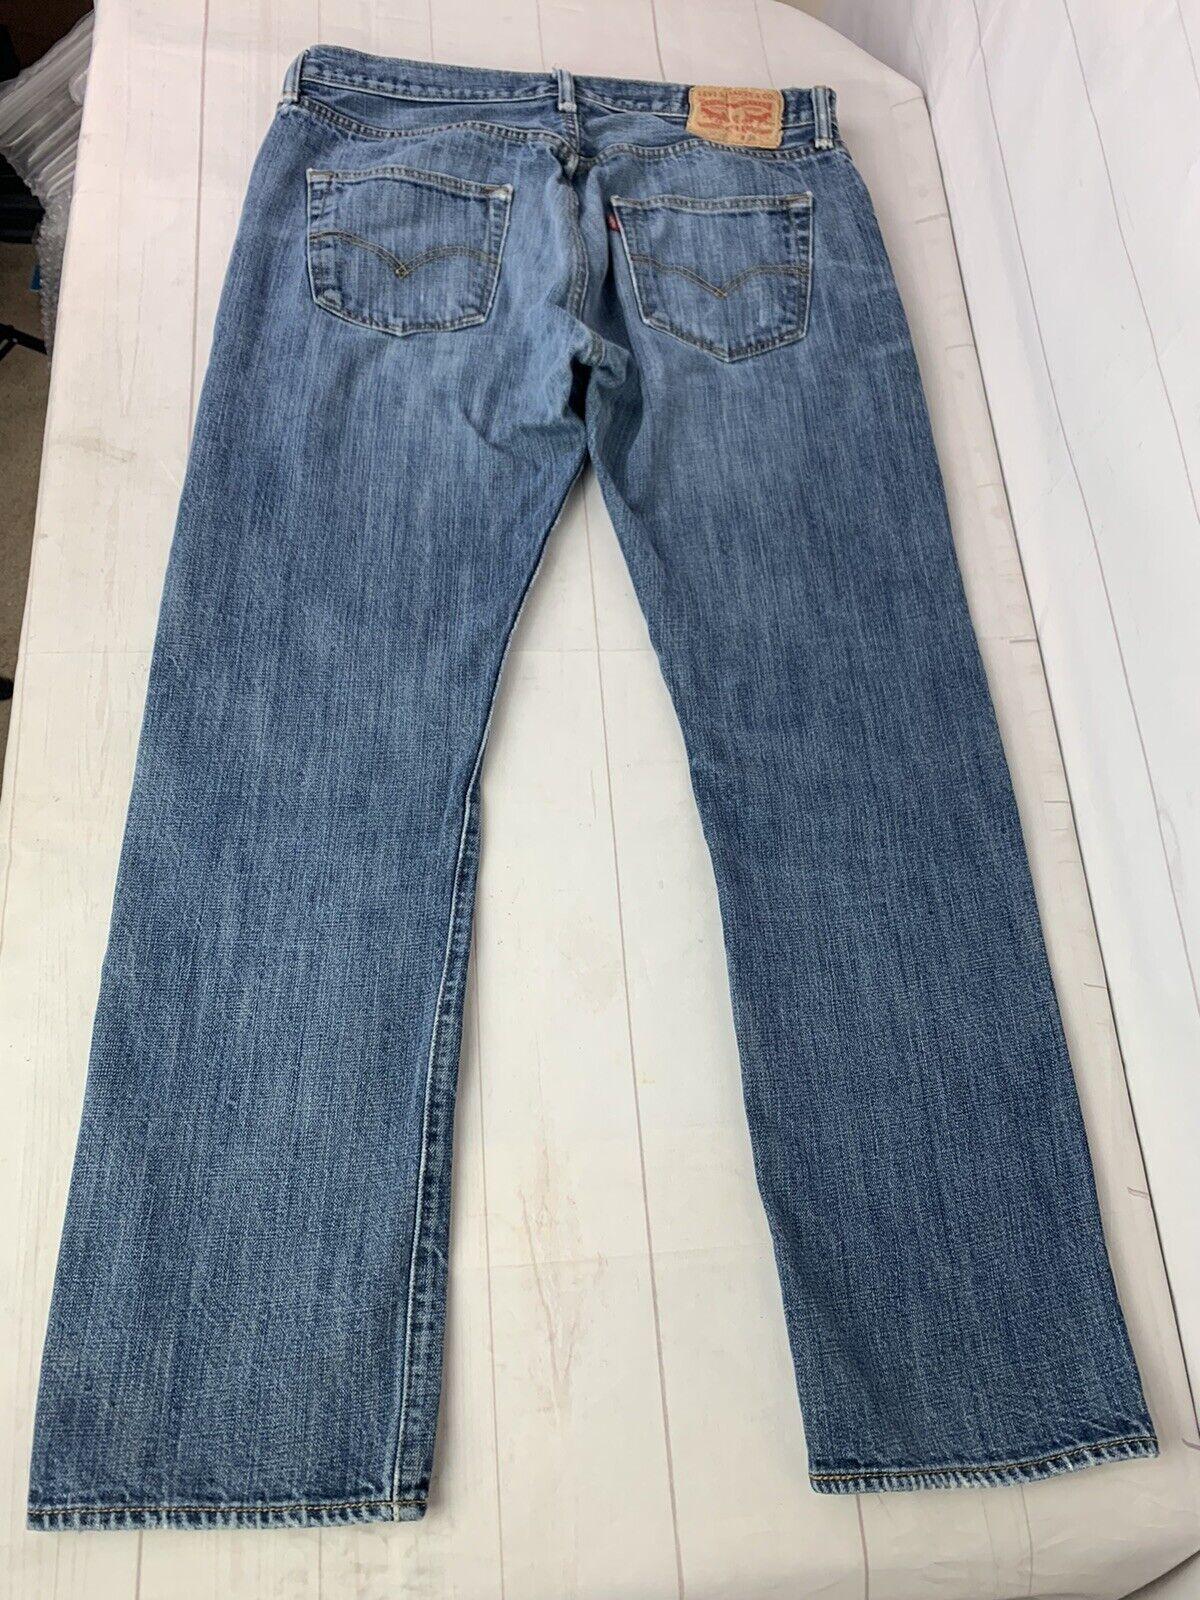 Jeans LEVIS 501 Label Size 34x32 Distressed Blue … - image 8